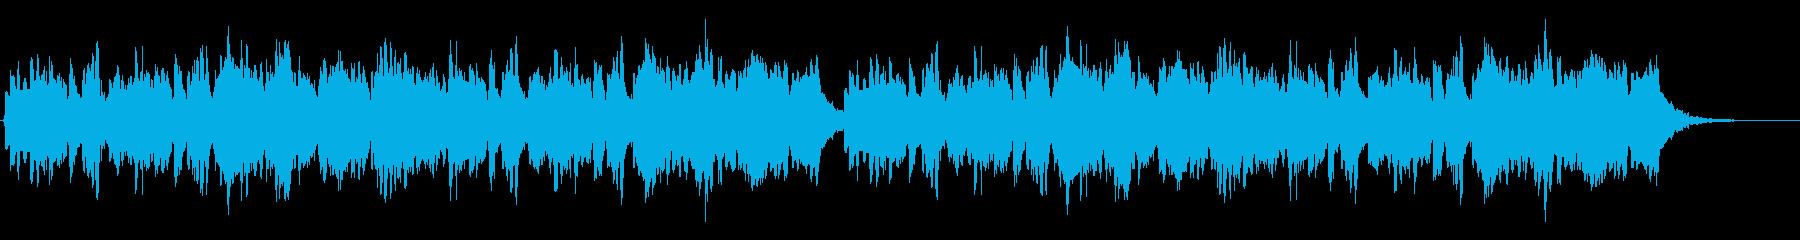 明るく可愛いピッコロとキラキラシンセの再生済みの波形